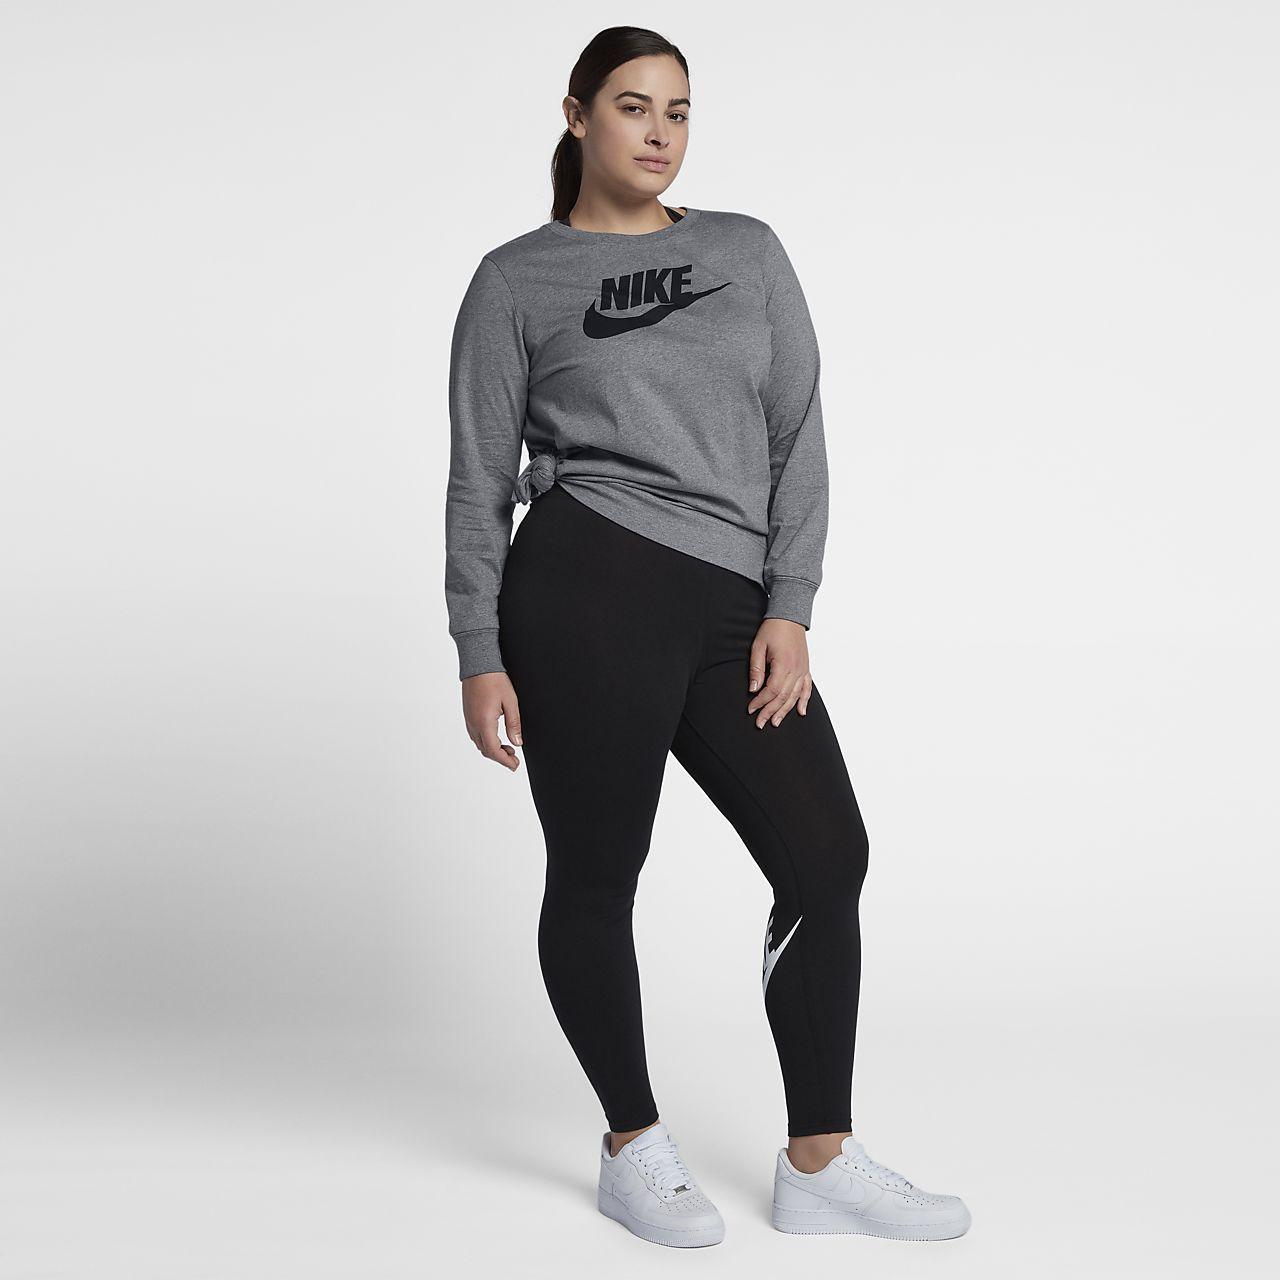 Nike Sportswear (Plus Size) Women's Long Sleeve TShirt